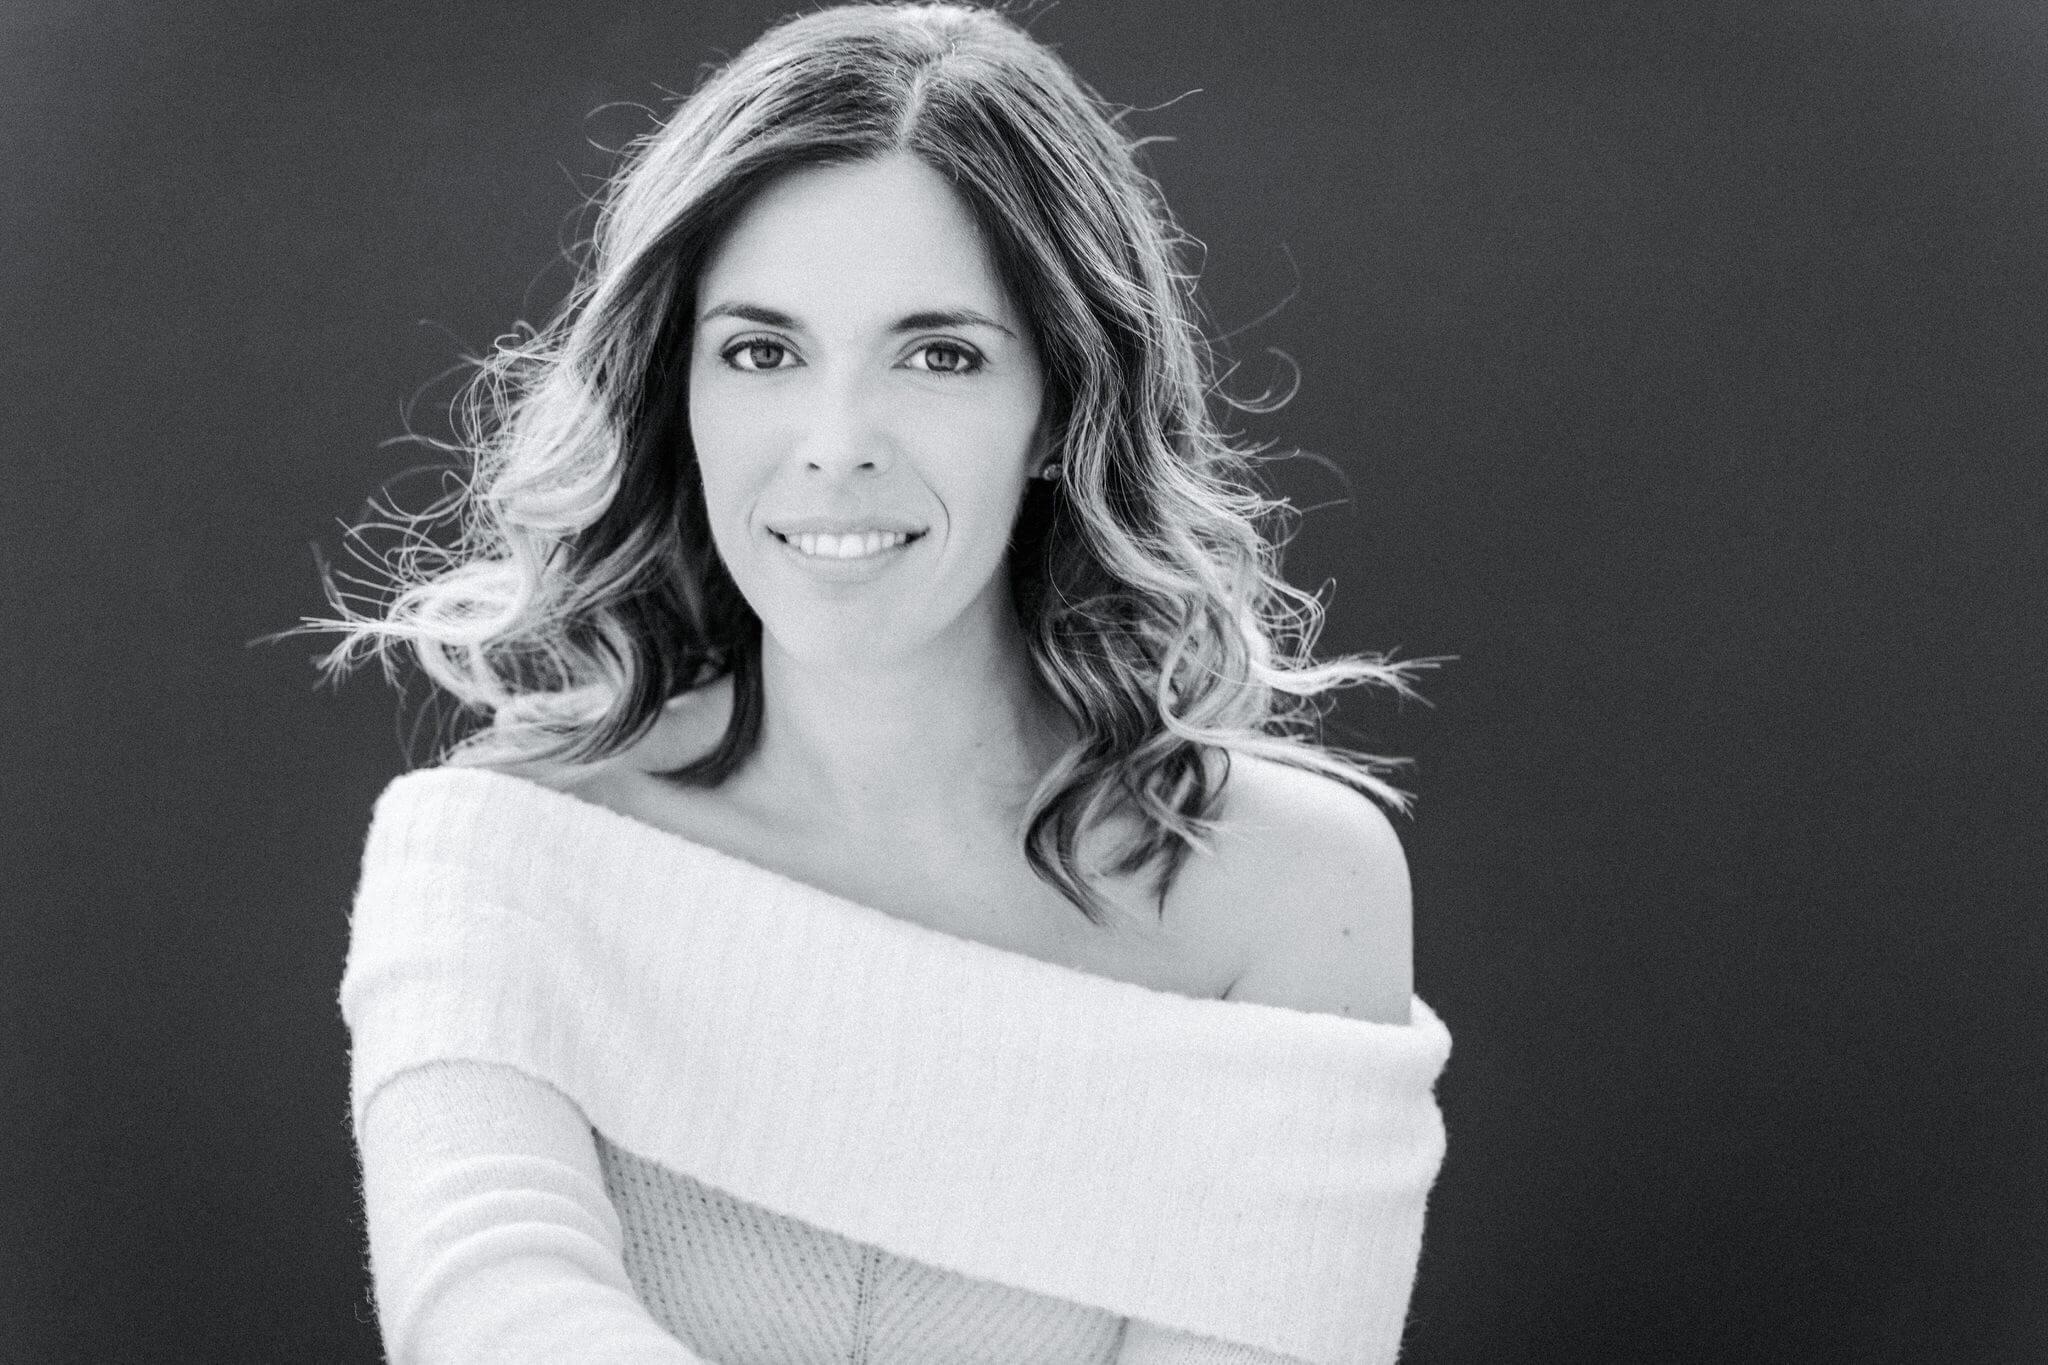 Photographe professionelle a Quebec